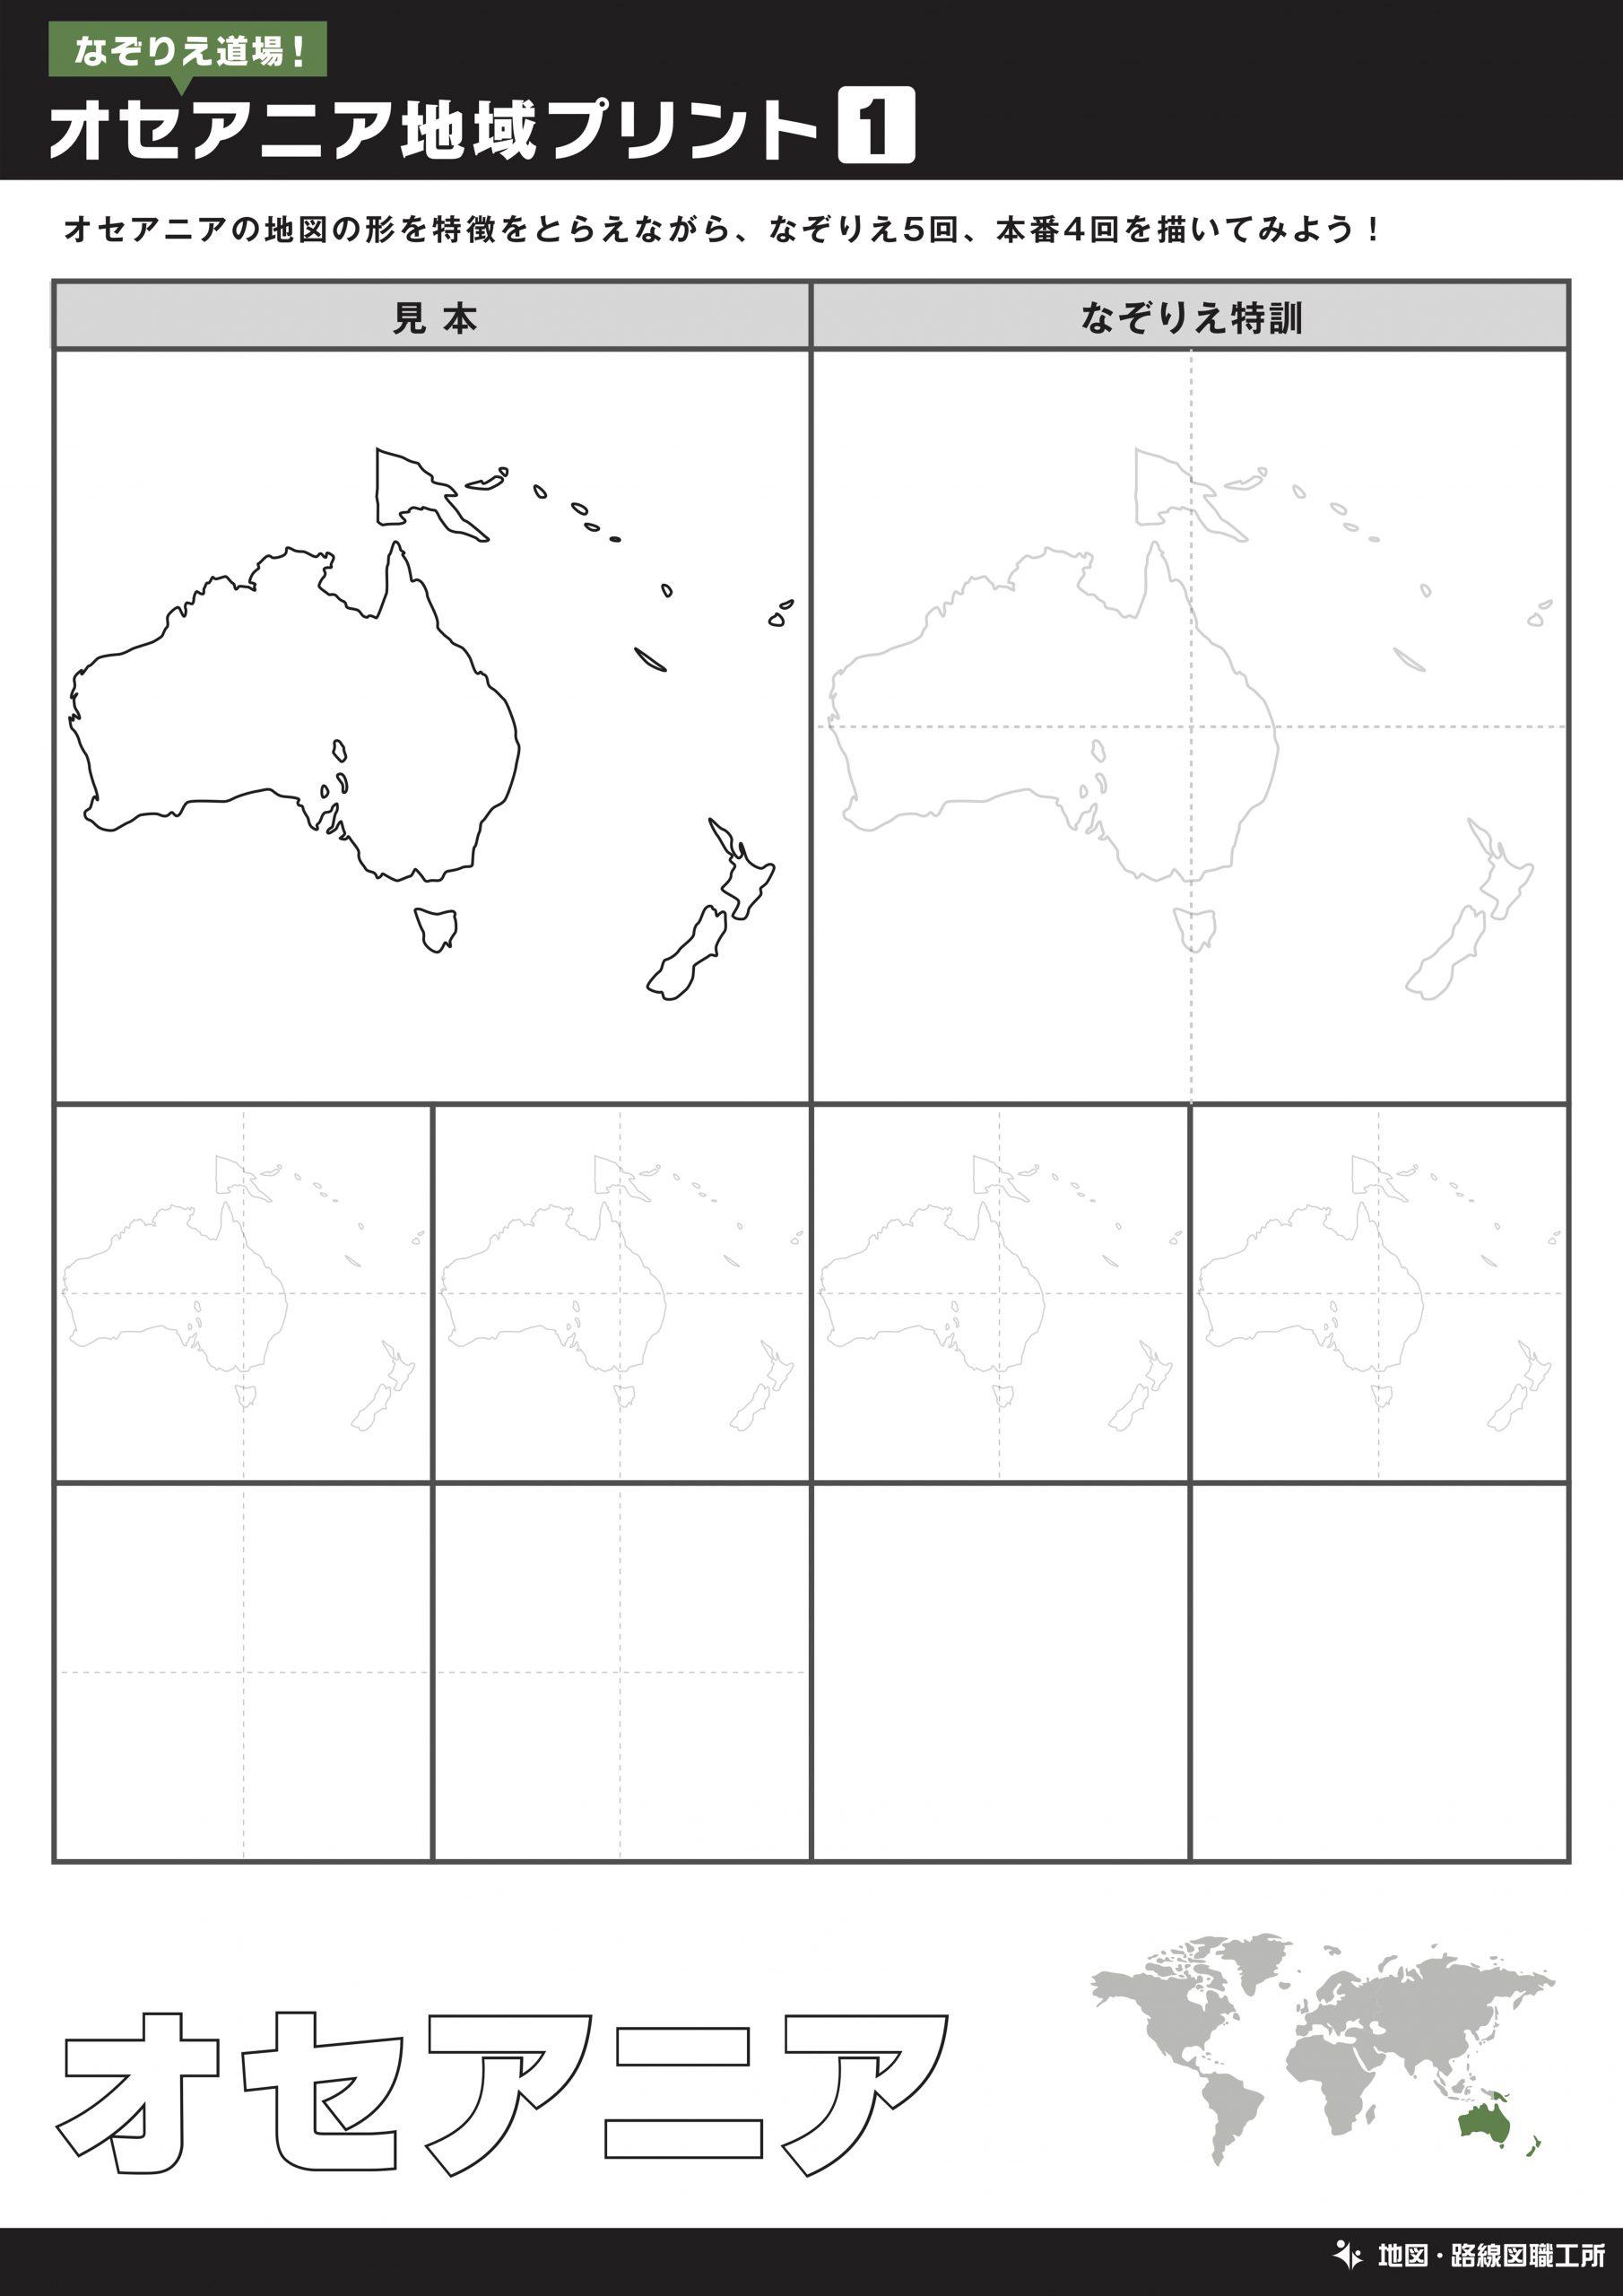 オセアニア地図をなぞって描く練習①